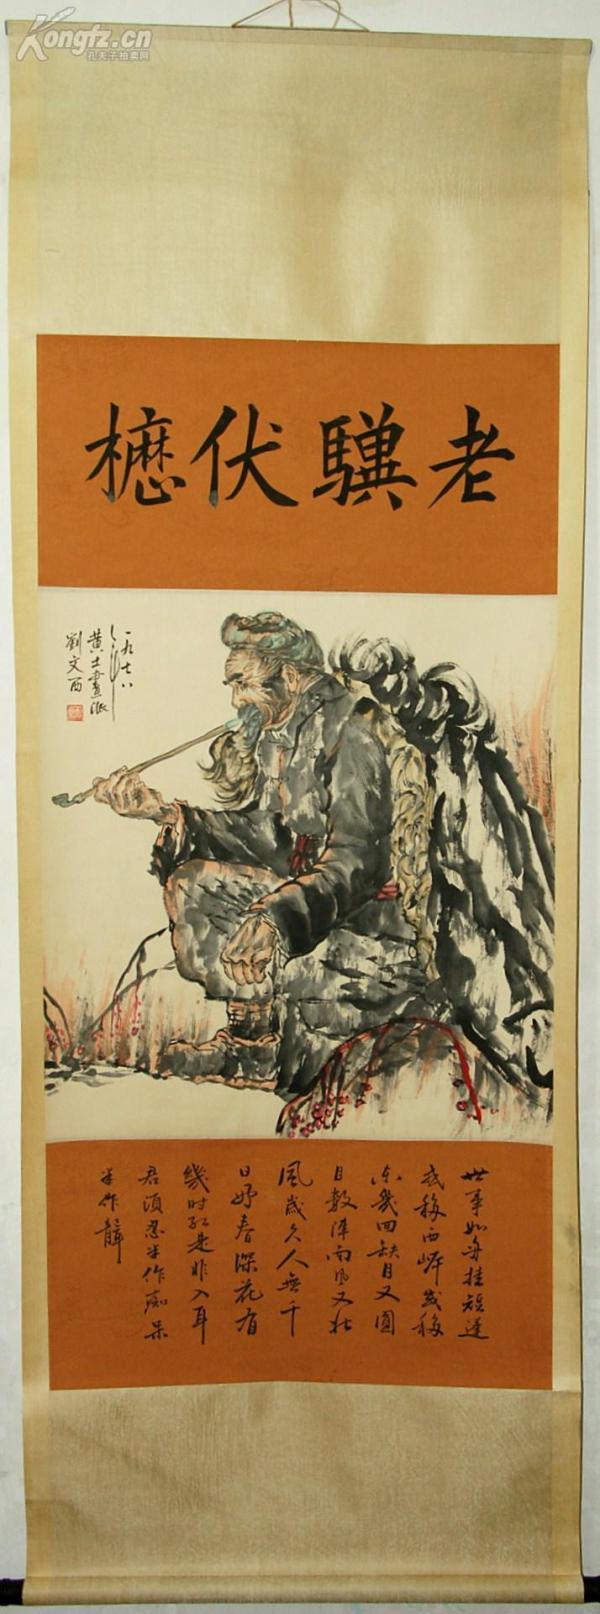 【刘文西】当代画家 曾任黄土画派艺术研究院院长  人物 原装裱